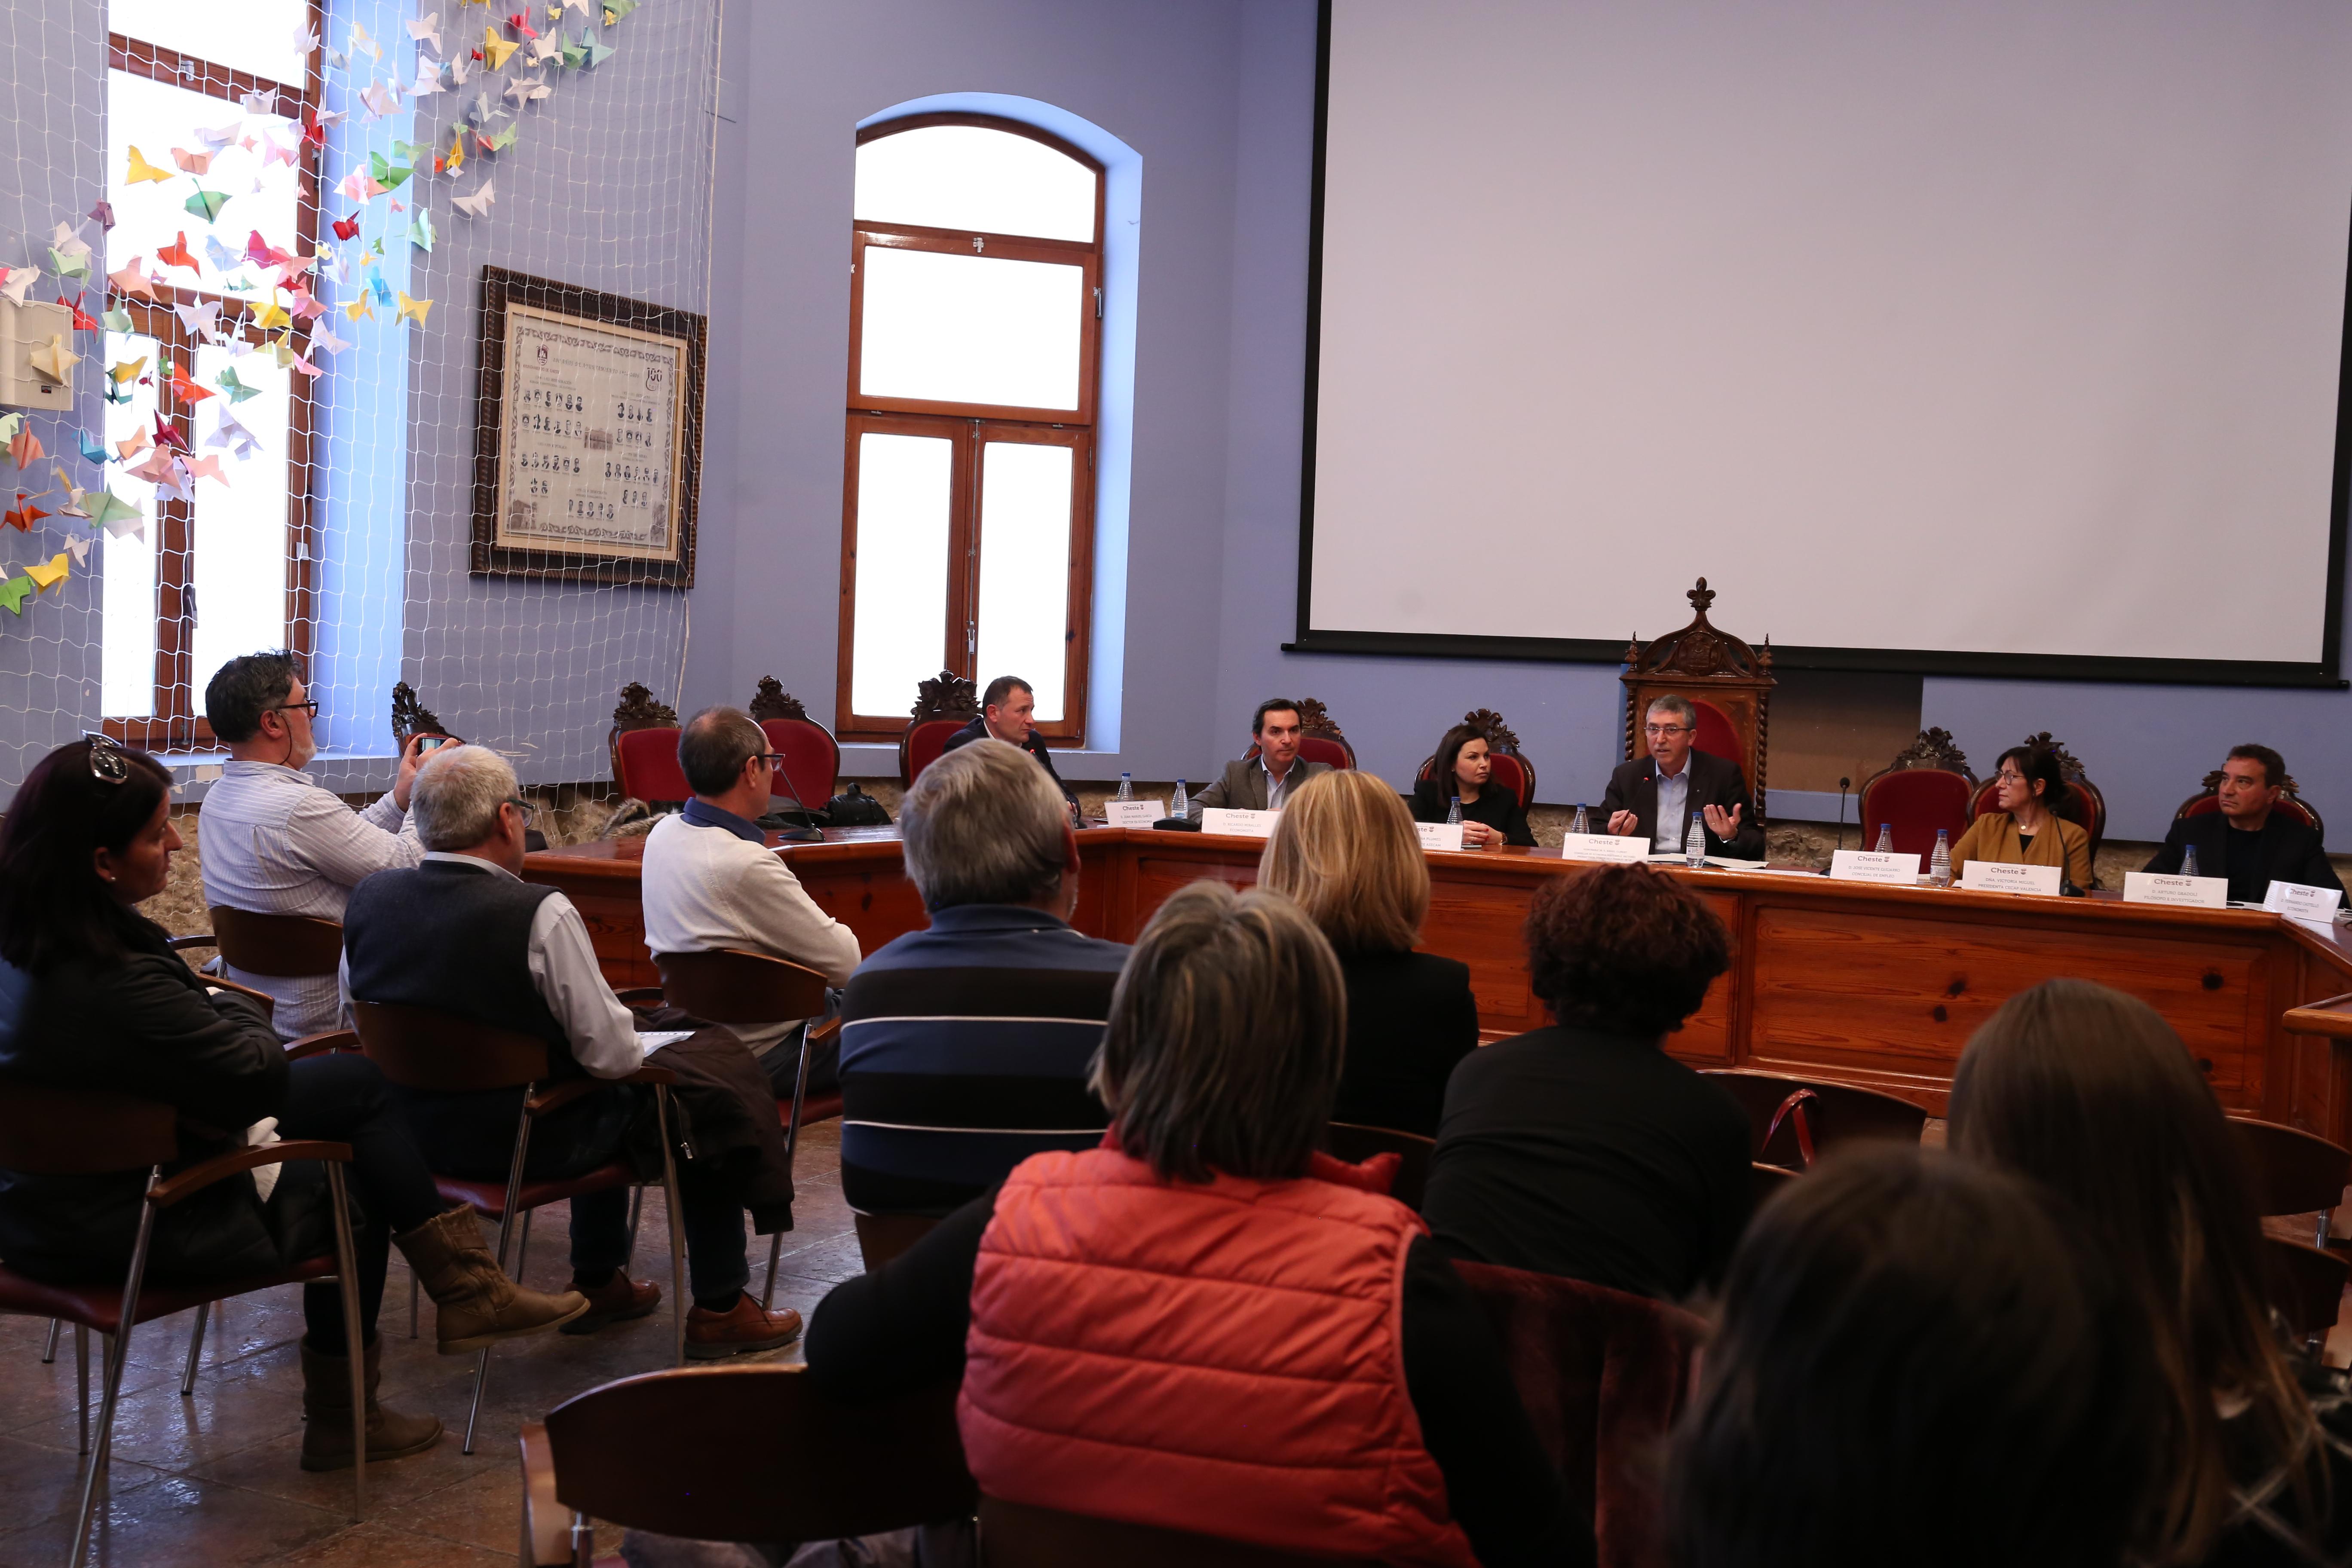 El Consejero de Economía Sostenible, Sectores Productivos, Comercio y Trabajo, Rafael Climent, clausuró la jornada.